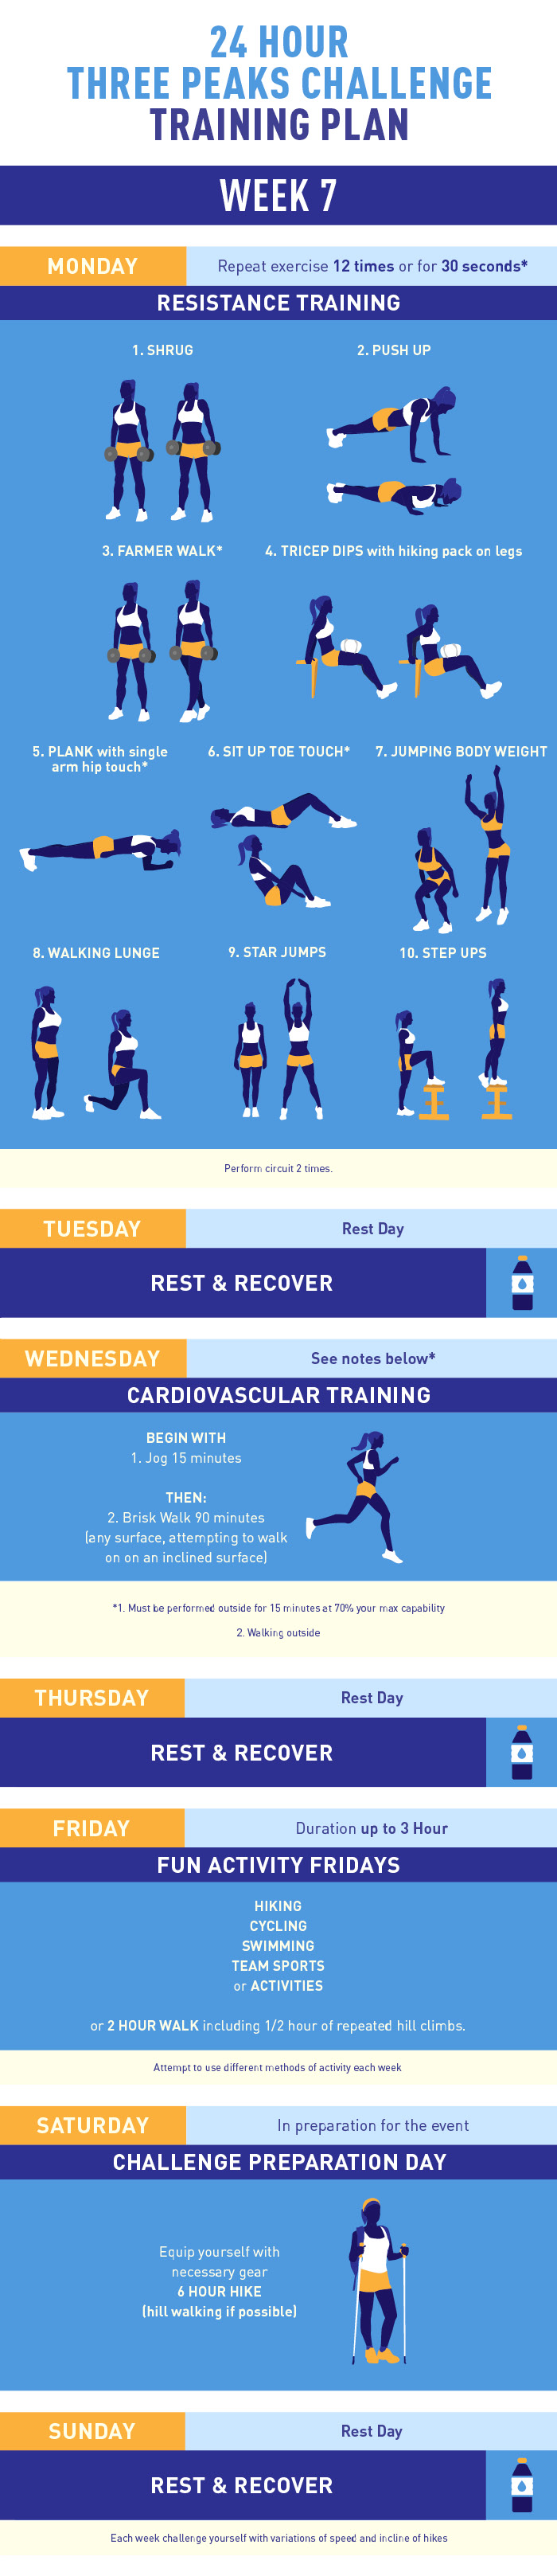 Three Peaks Challenge training plan week 7